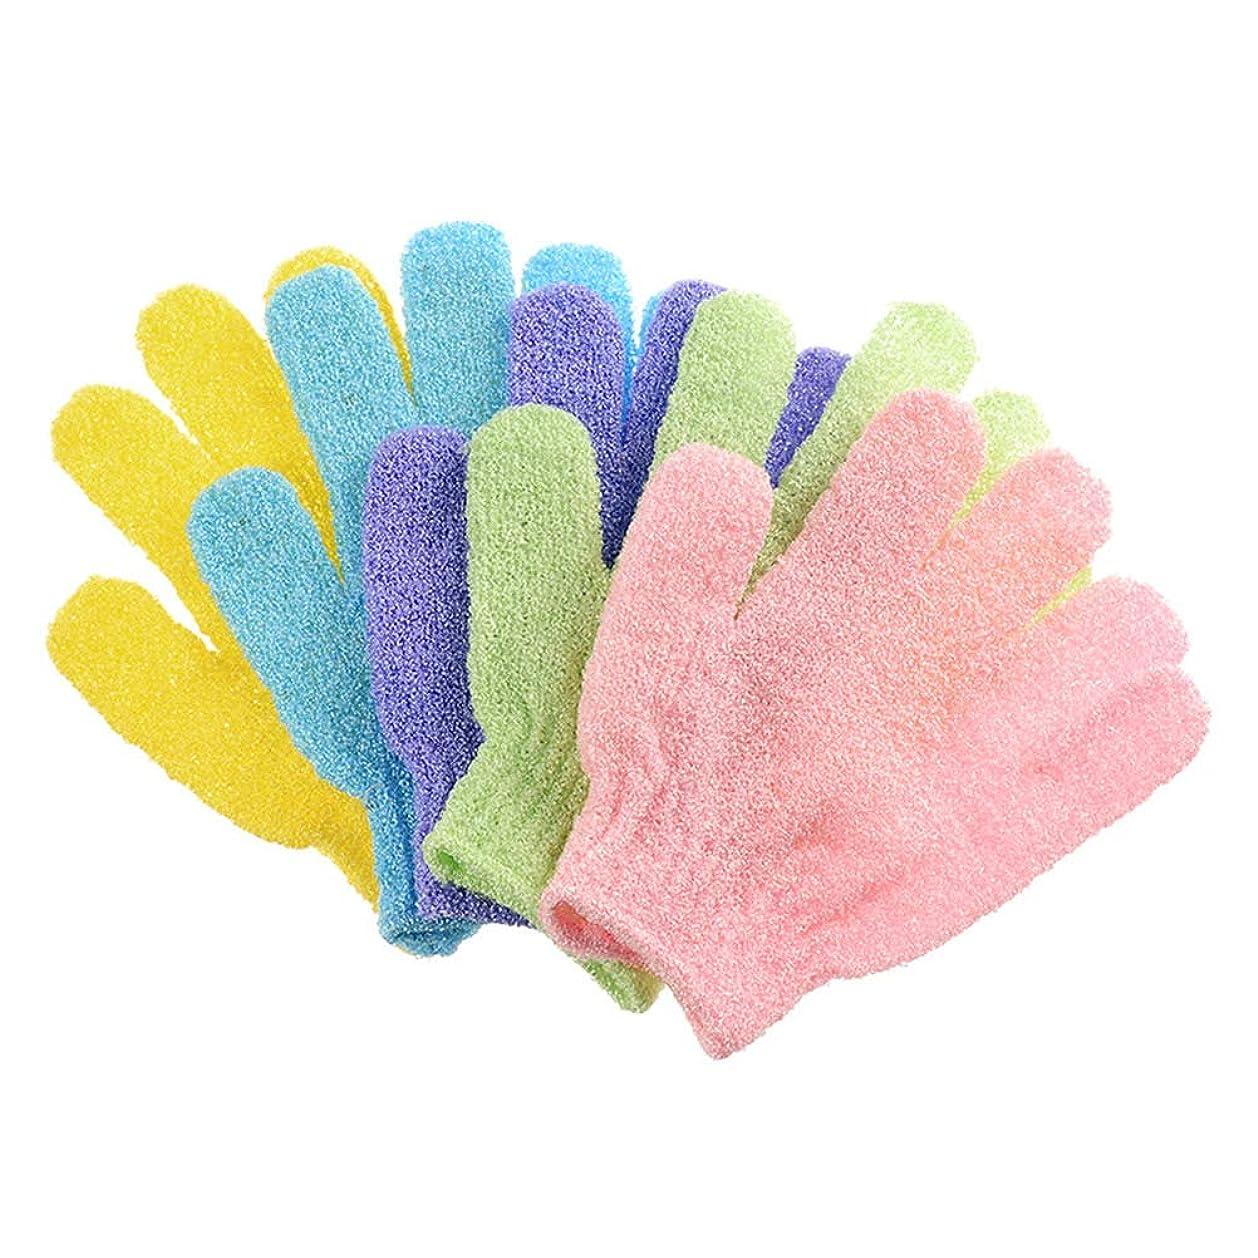 とても証人アナロジーTOPBATHY 20ピースバスウォッシュタオル剥離バスクロス手袋バックスクラバーバスクロスタオルボディ用入浴用シャワースパ(混色)